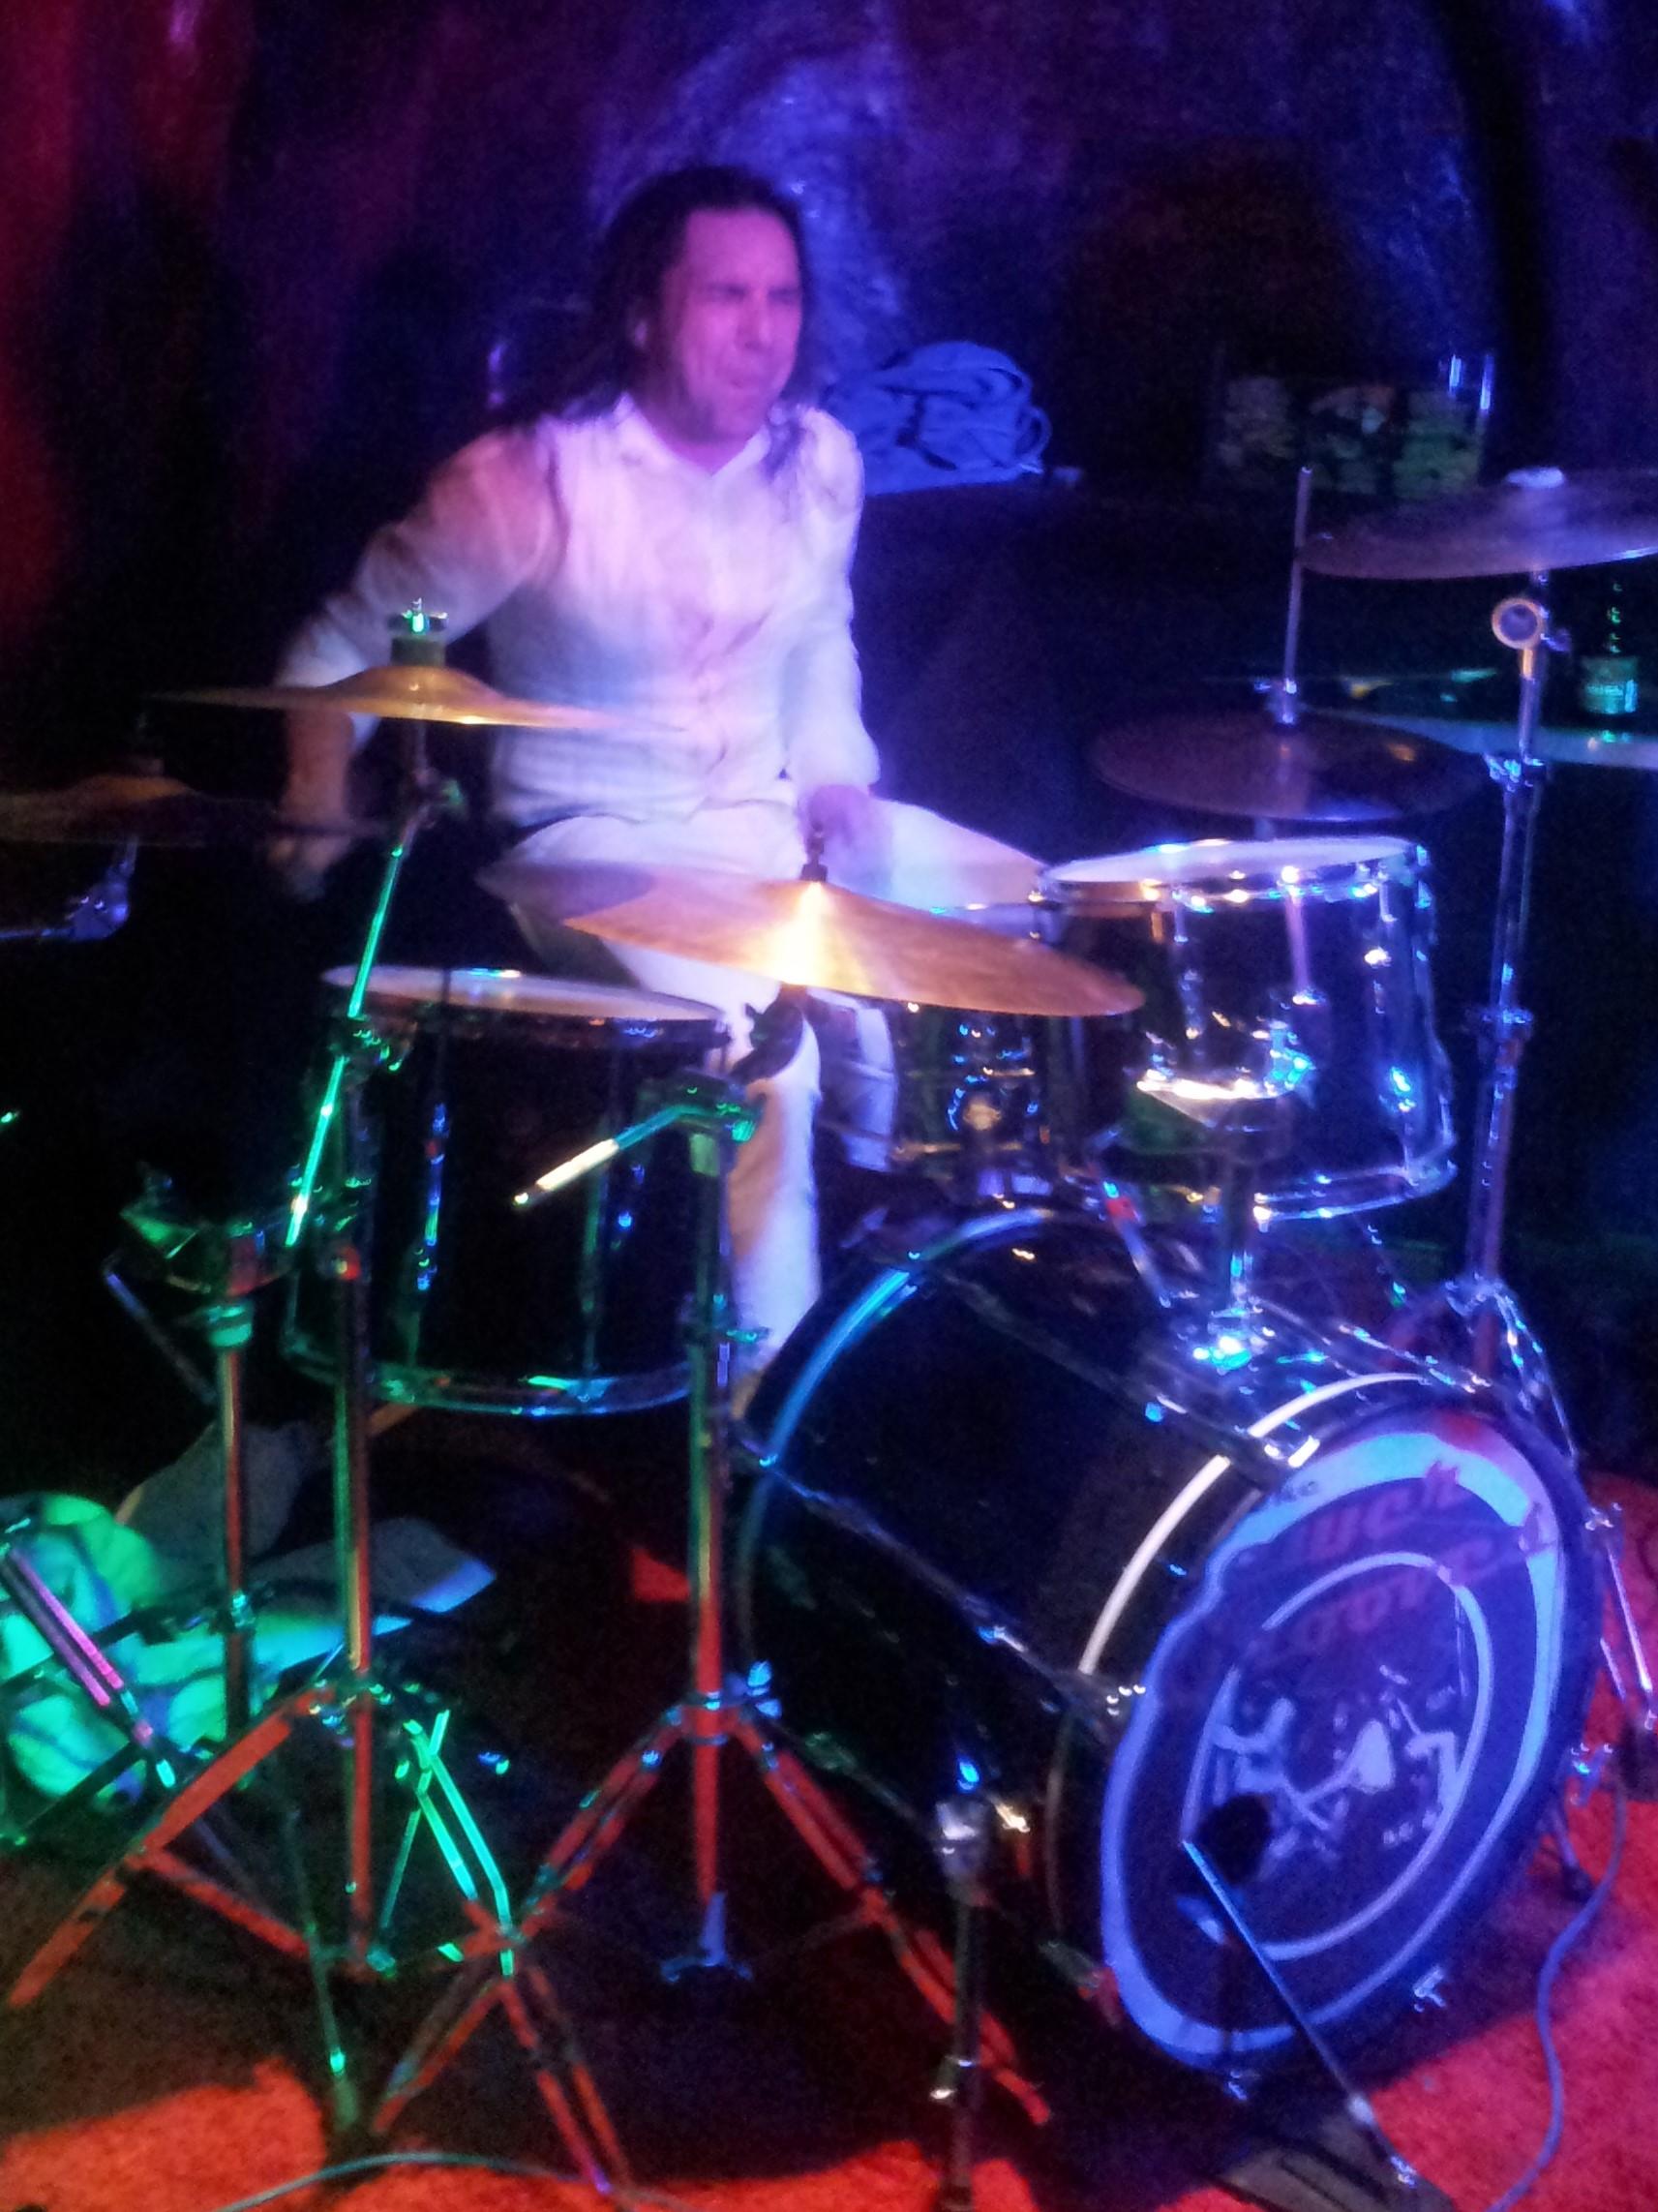 Sewergrooves-Schlagzeuger Tero zeigt wie immer hohen Einsatz.